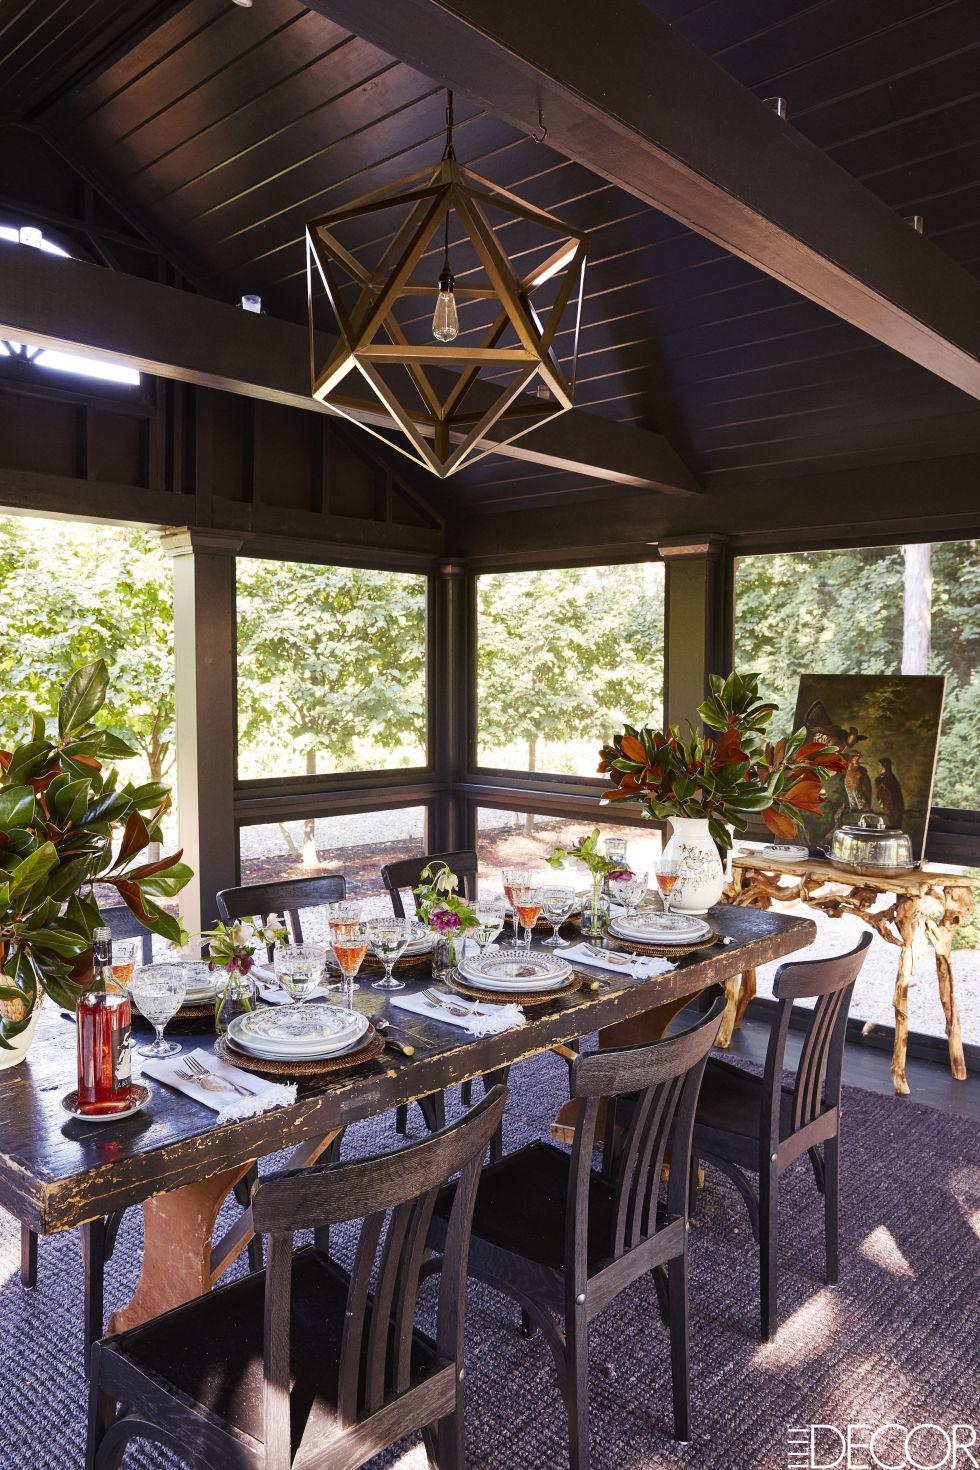 07-casa-de-campo-e-decorada-com-moveis-antigos-e-obras-de-arte